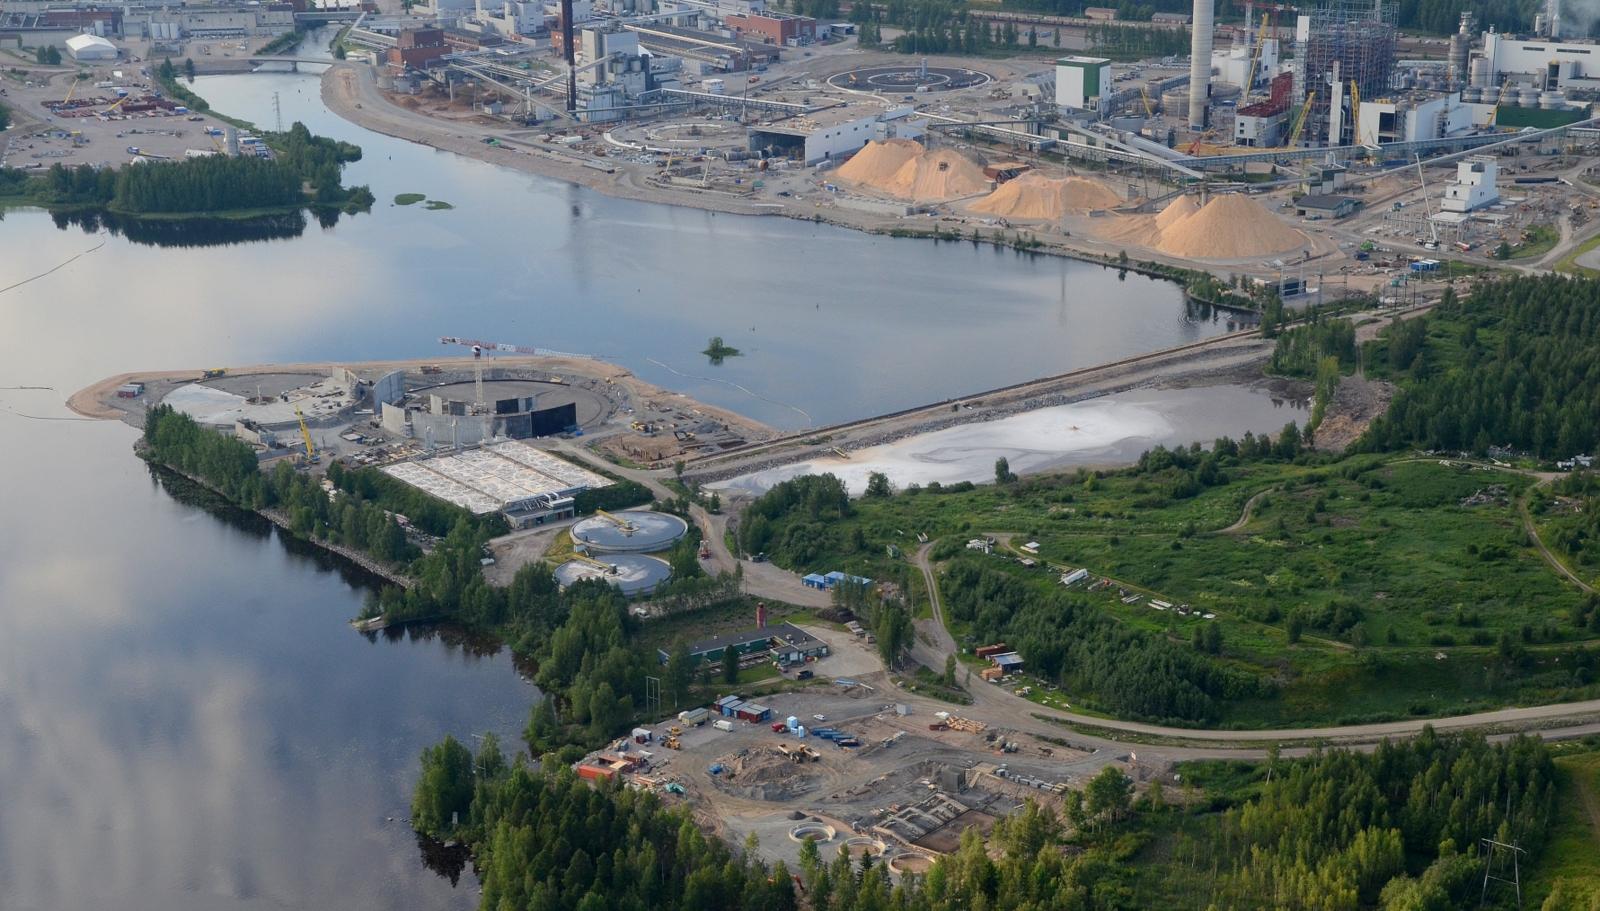 Vesien puhdistamon-ja biokaasulaitoksen työmaat lähimmässä rannassa.